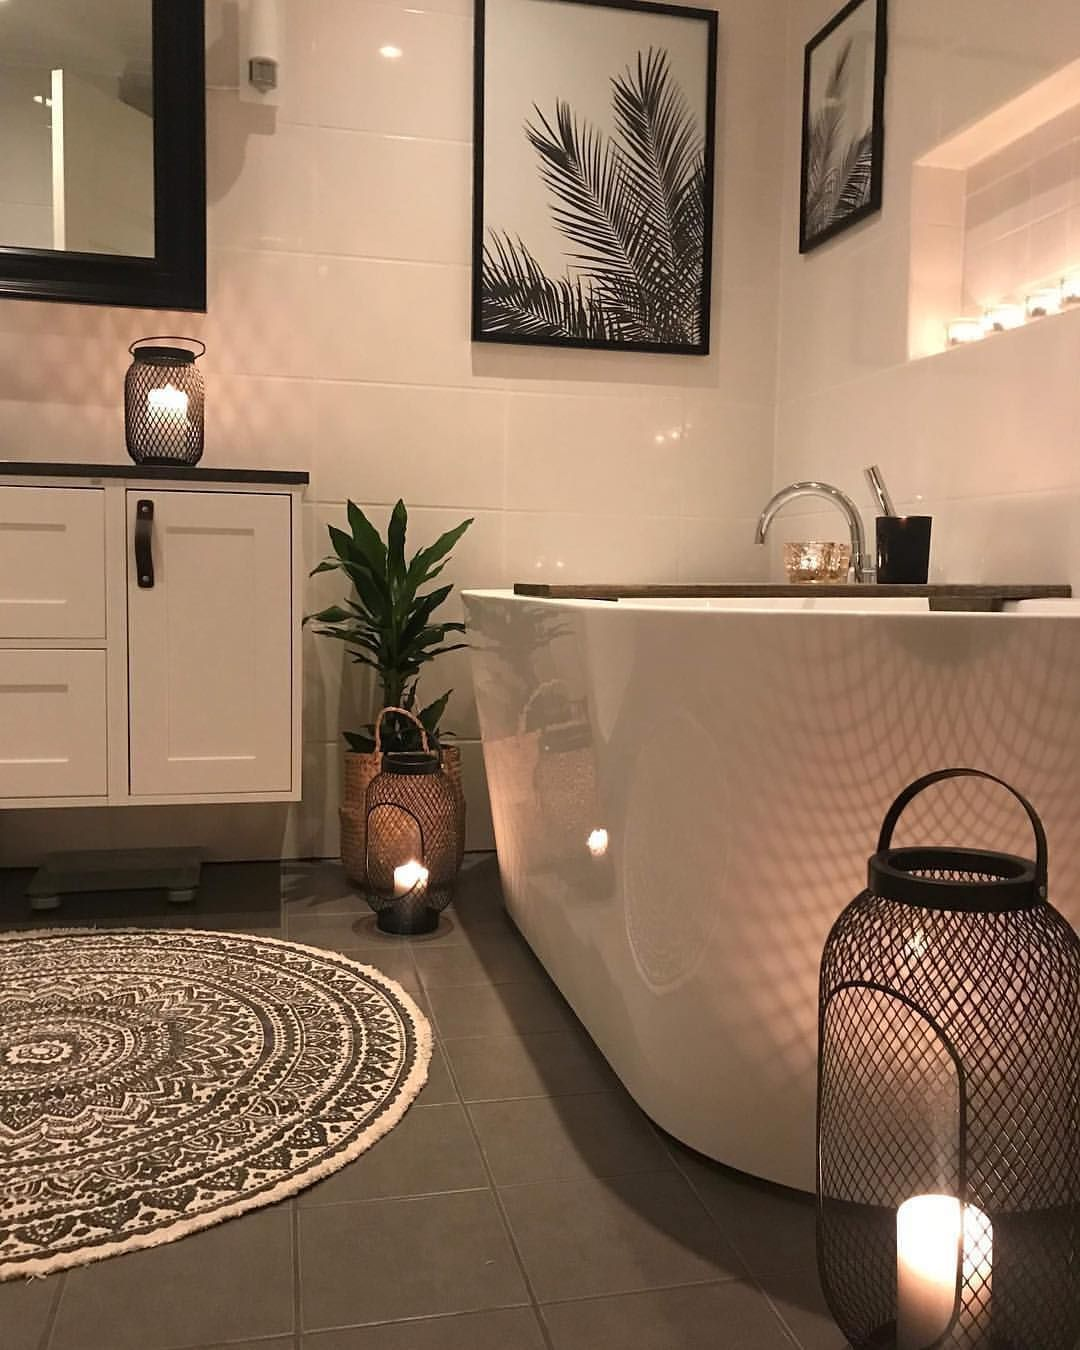 Badezimmer ideen schwarz kleines badezimmer schwarz weis einrichtung dekorieren ideen